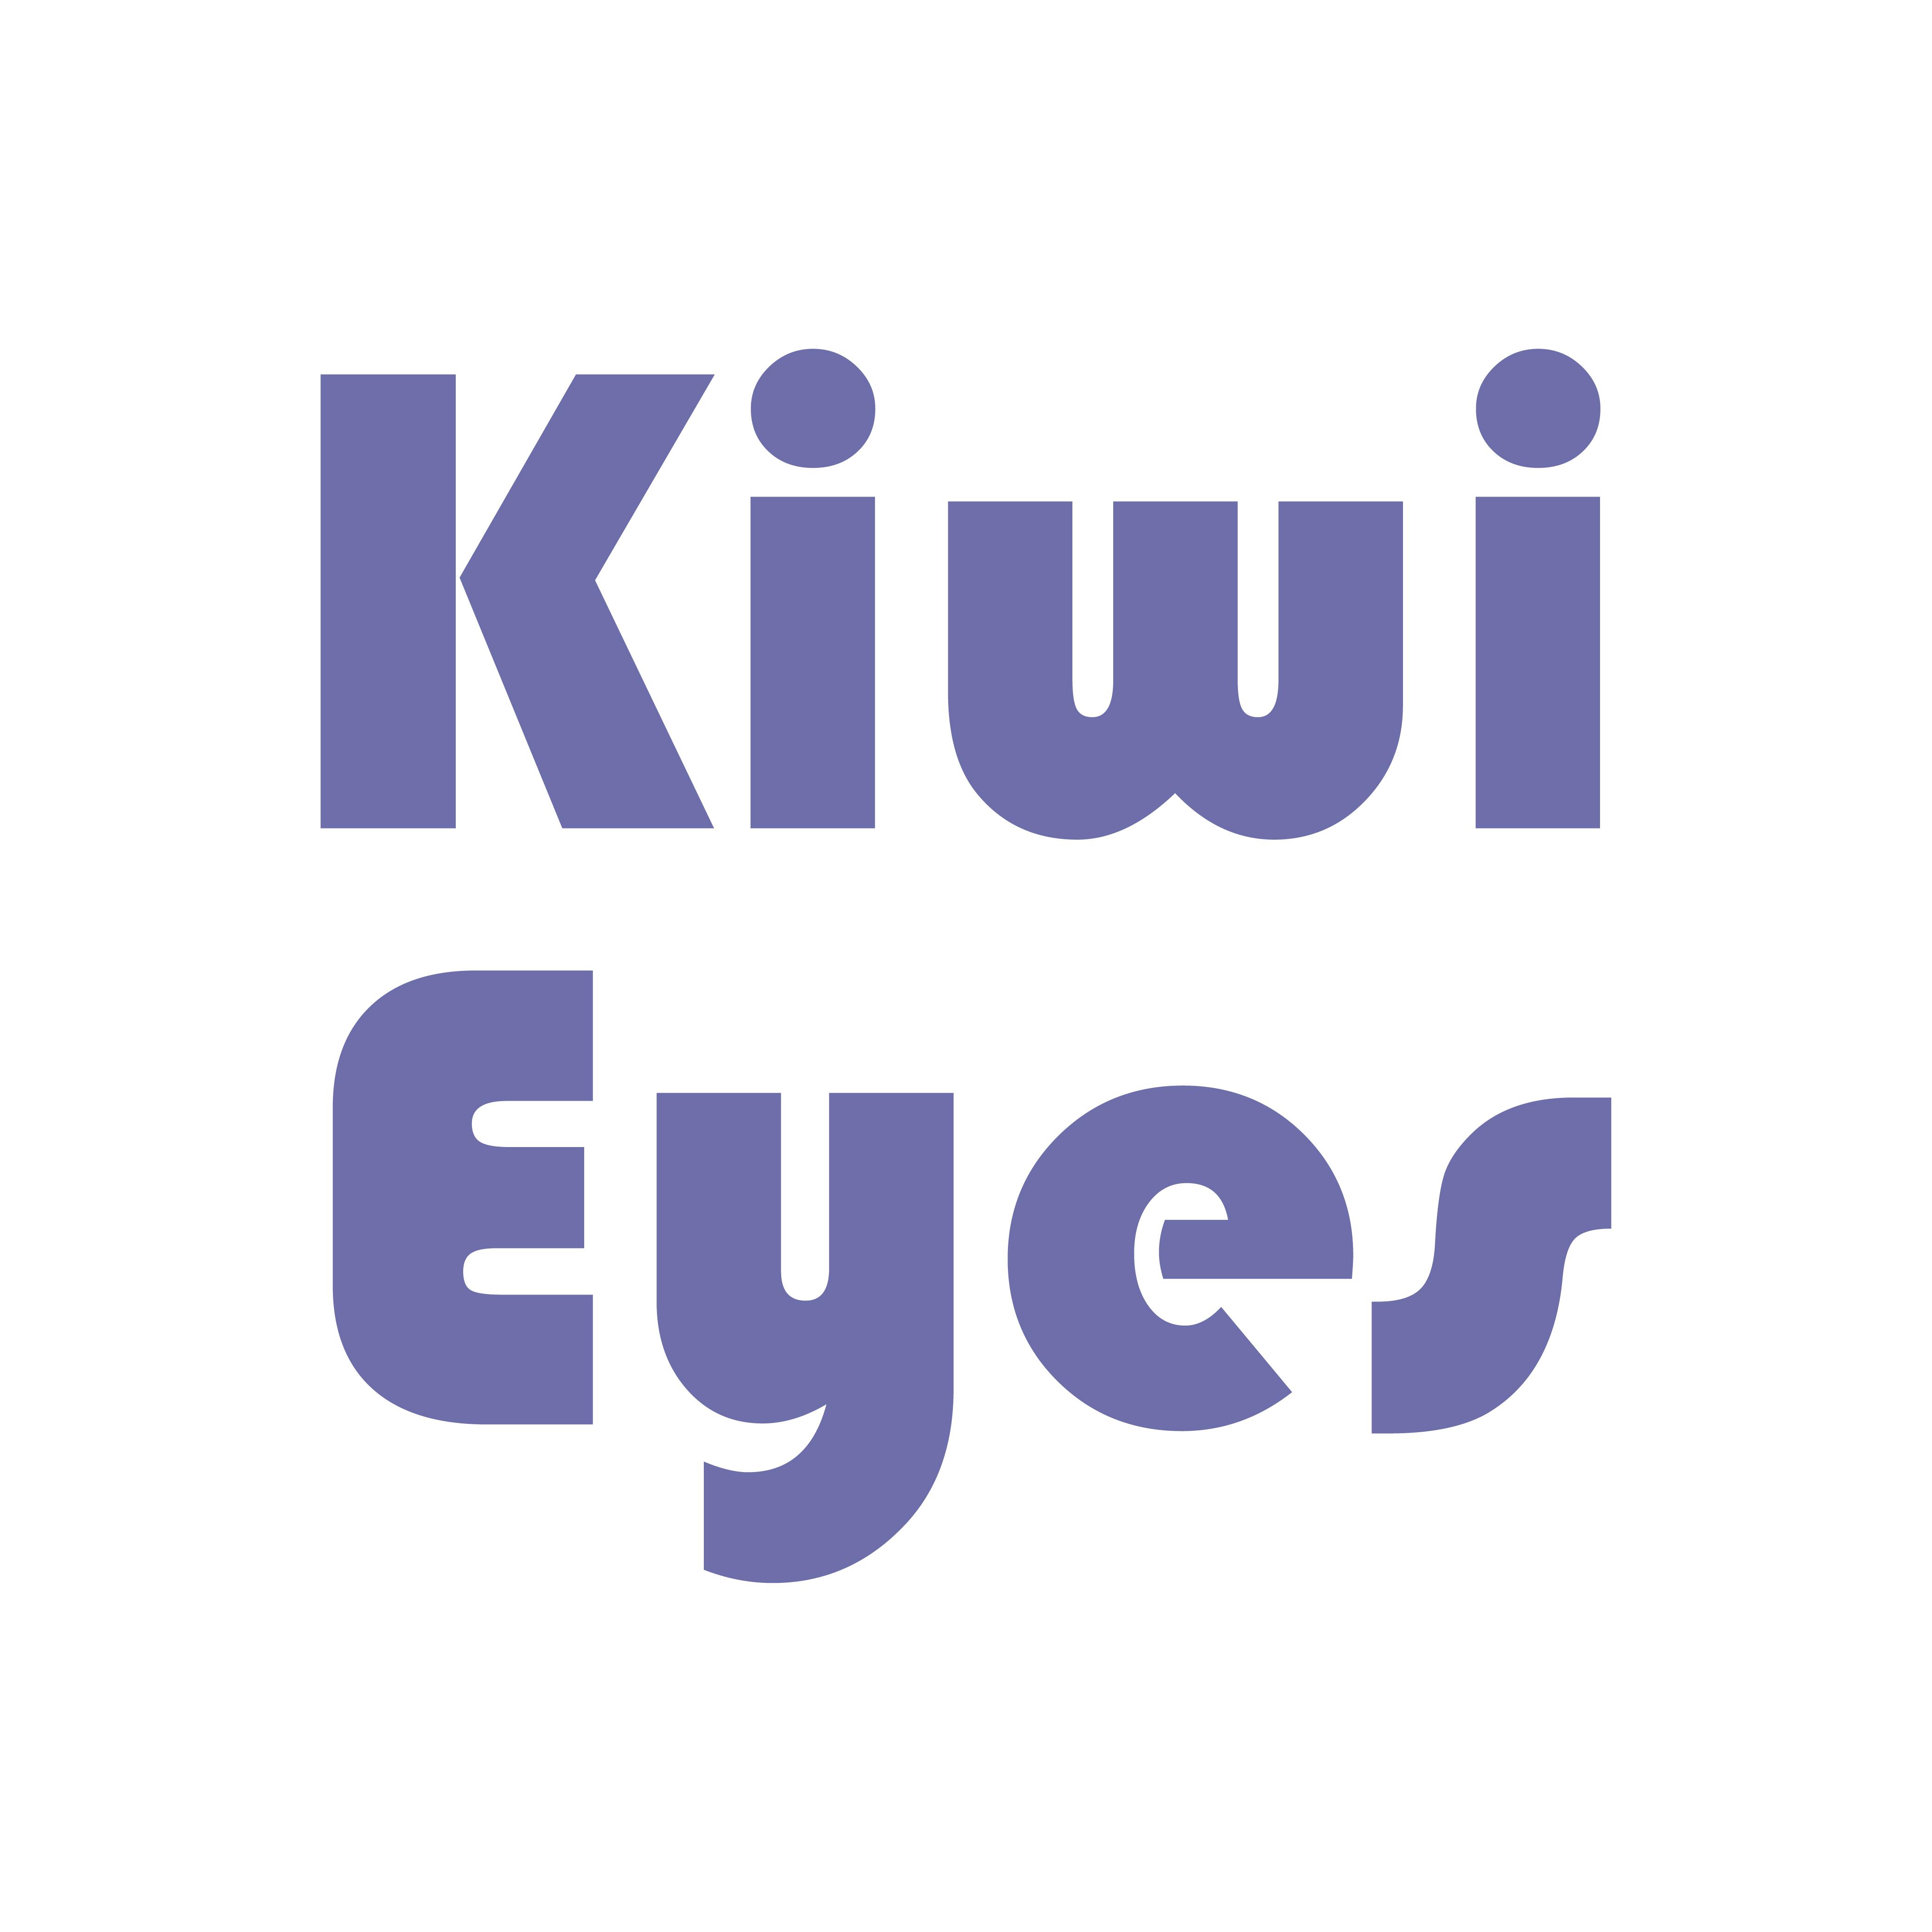 Kiwi Eyes